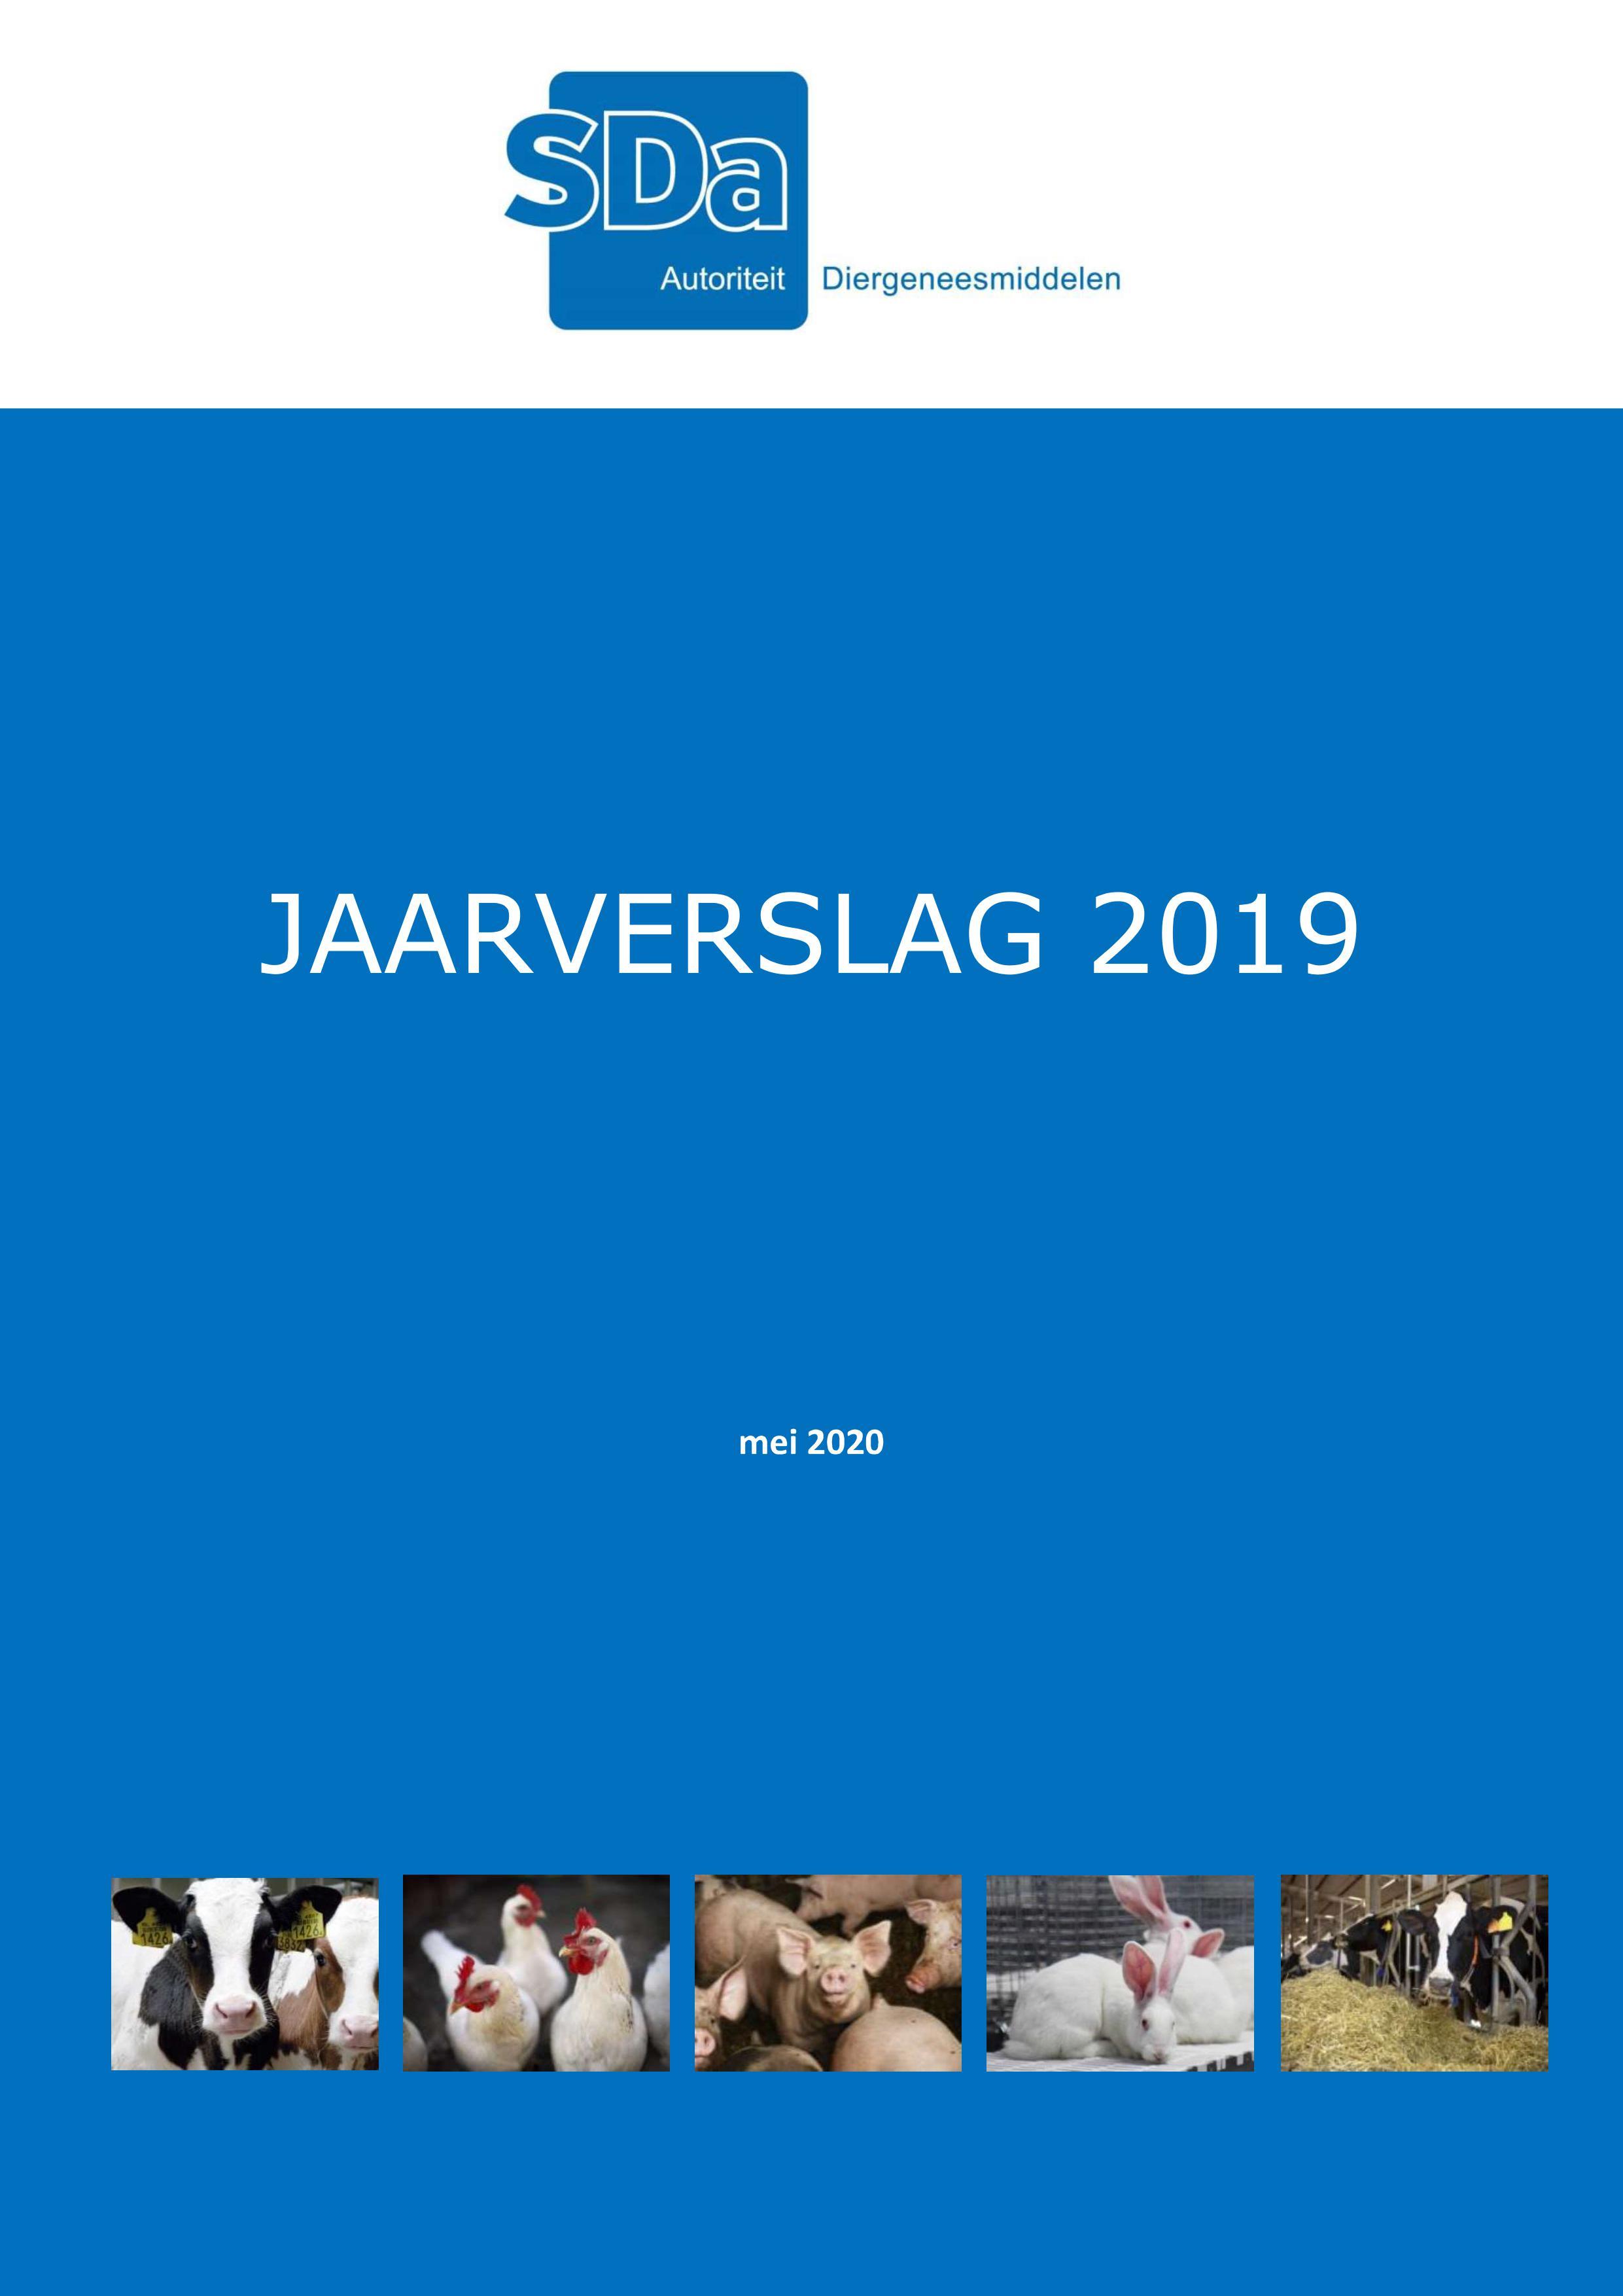 SDa Jaarverslag 2019